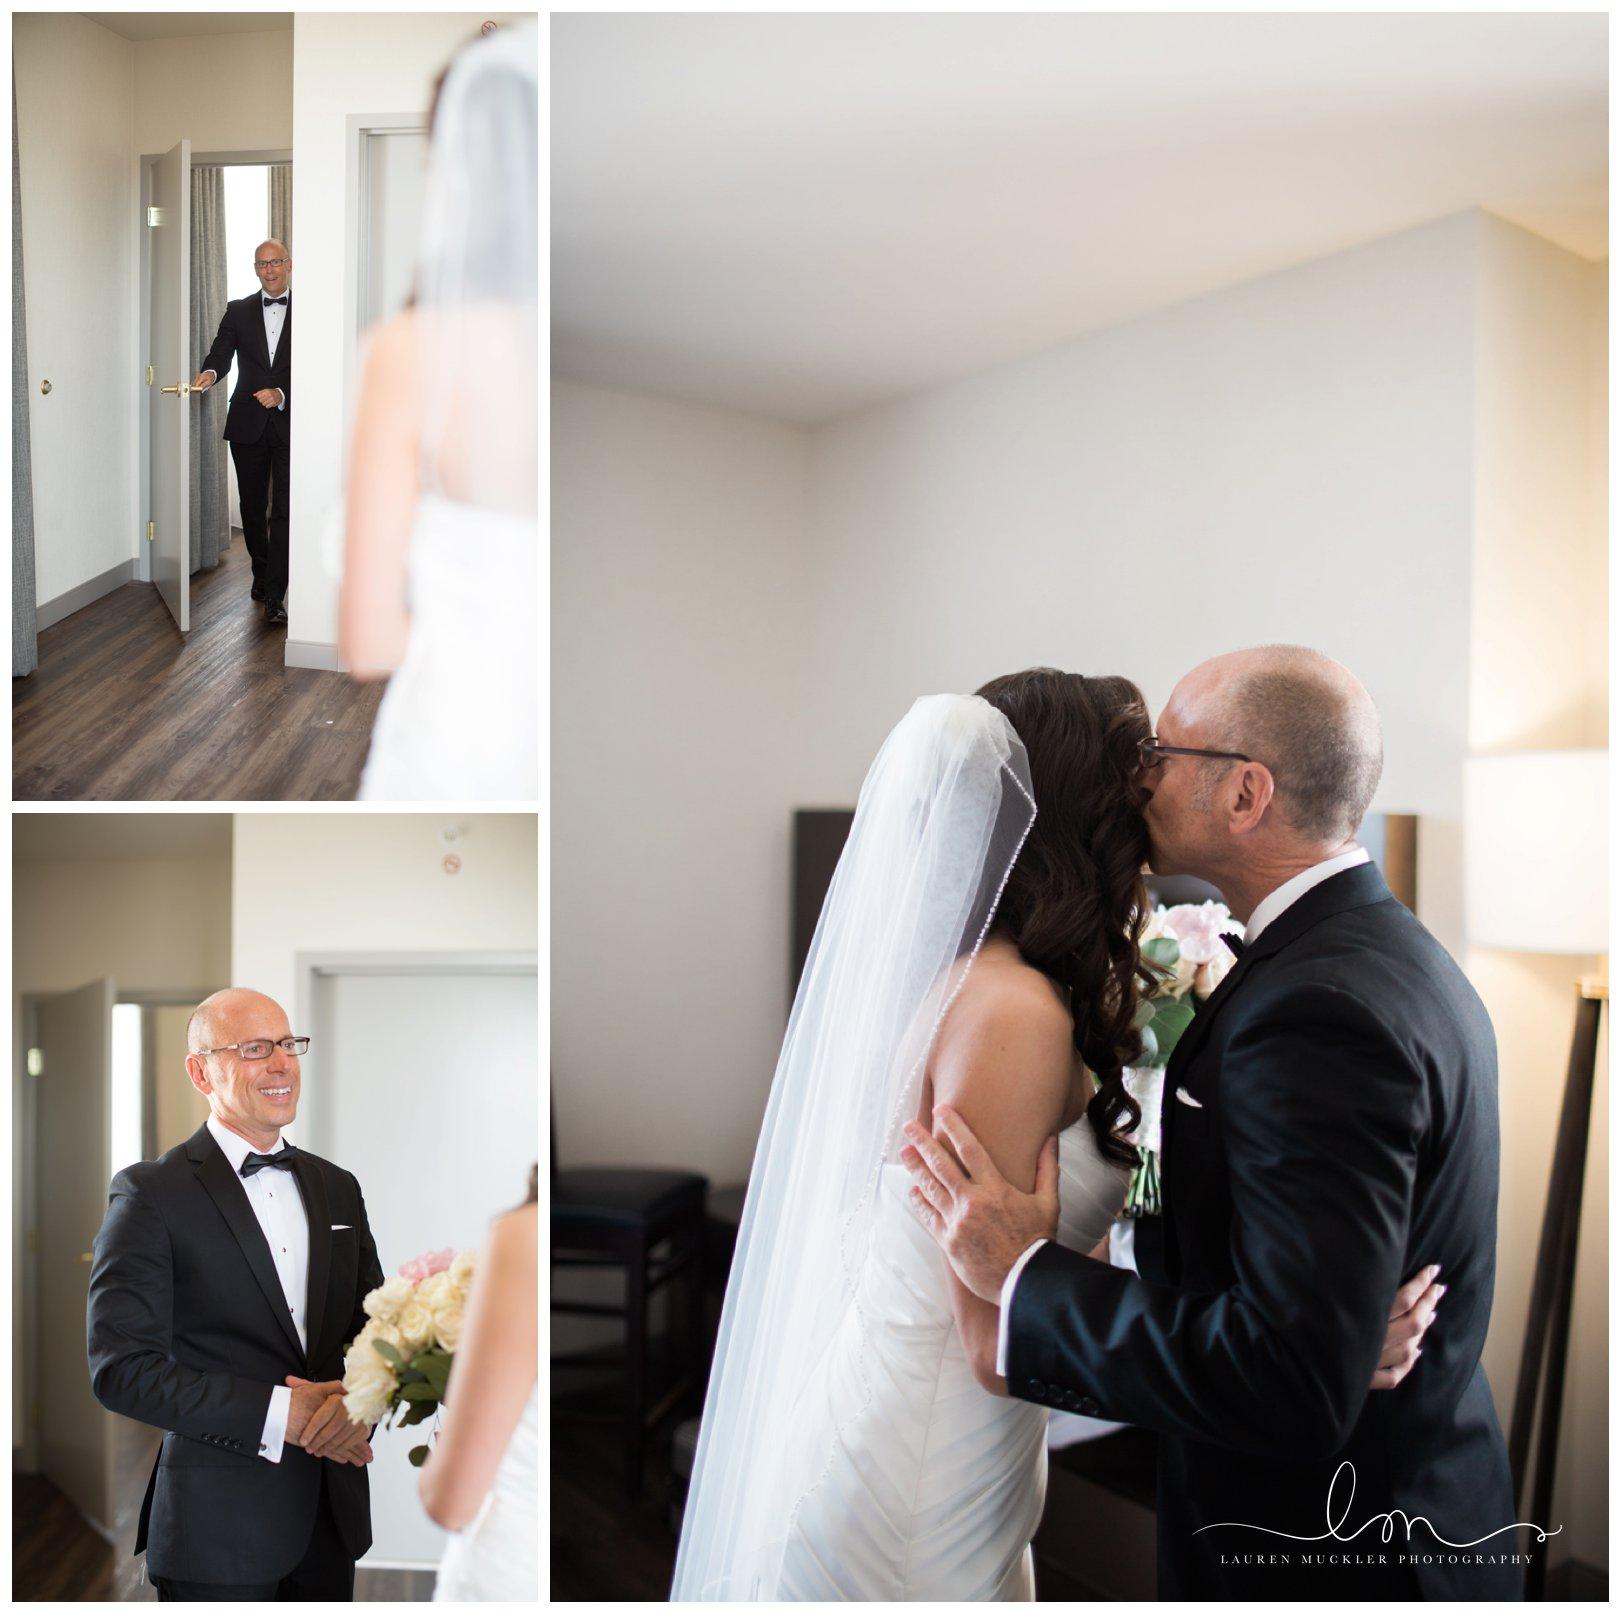 lauren muckler photography_fine art film wedding photography_st louis_photography_0255.jpg